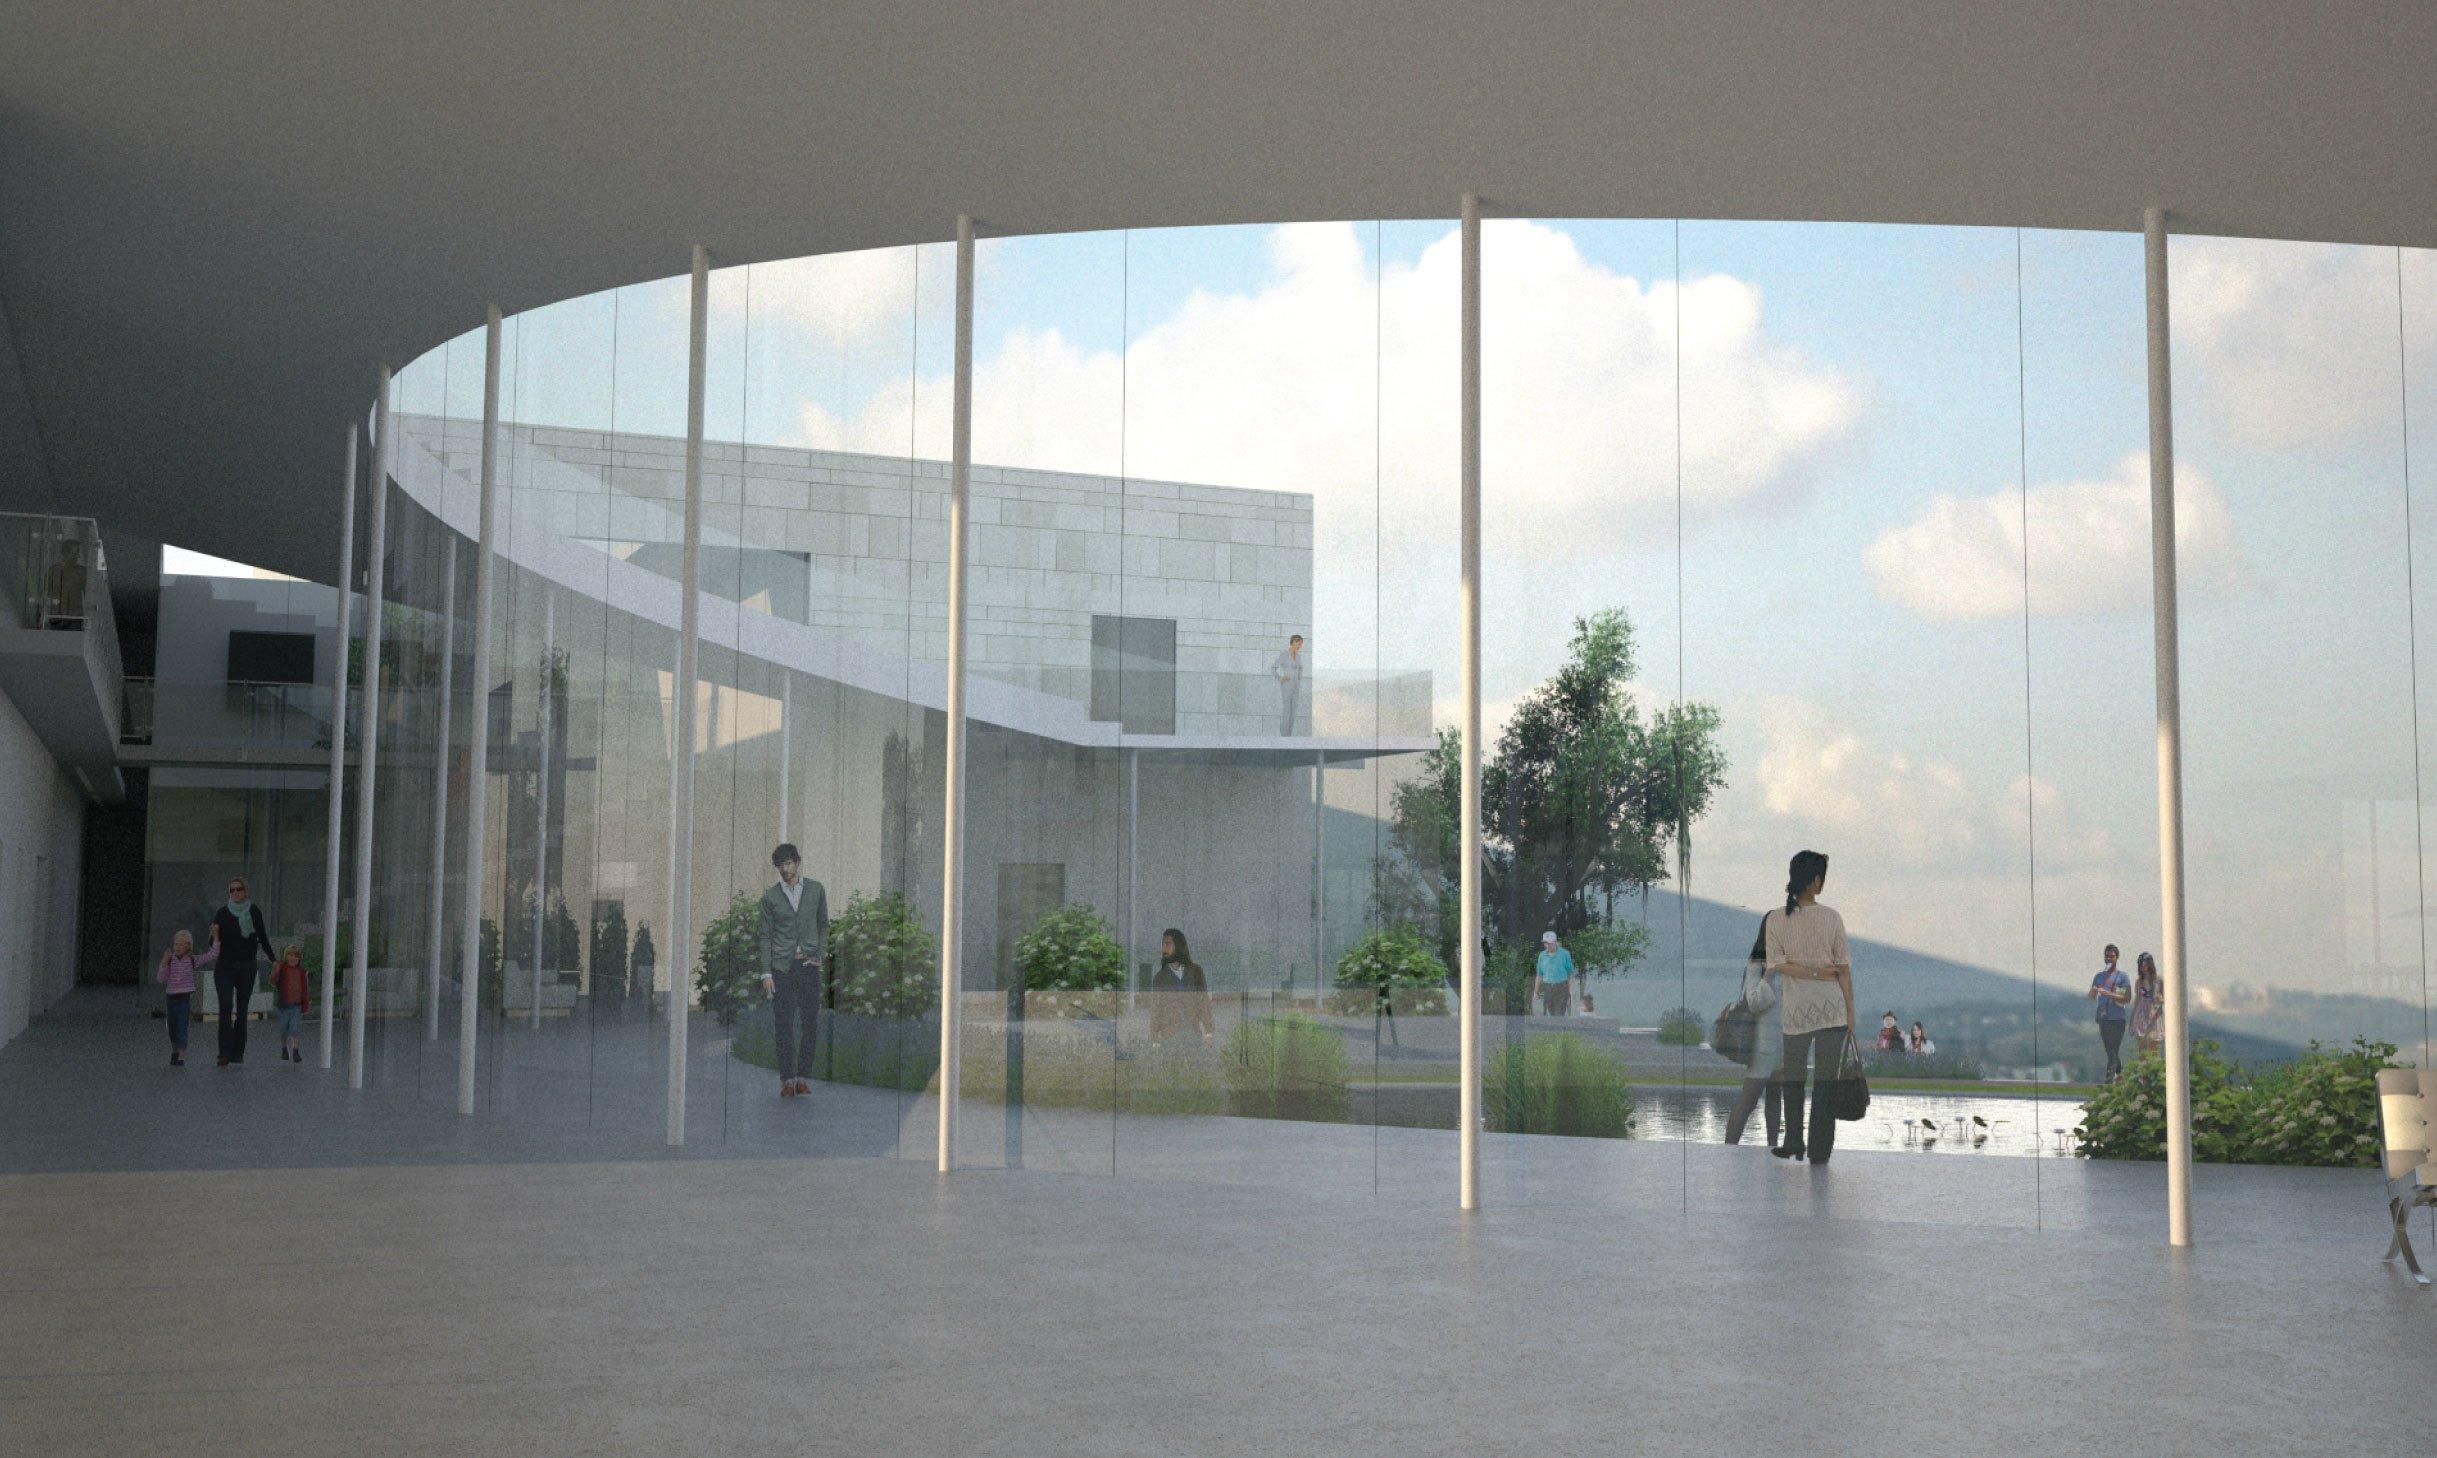 תכנון מרכז קהילתי